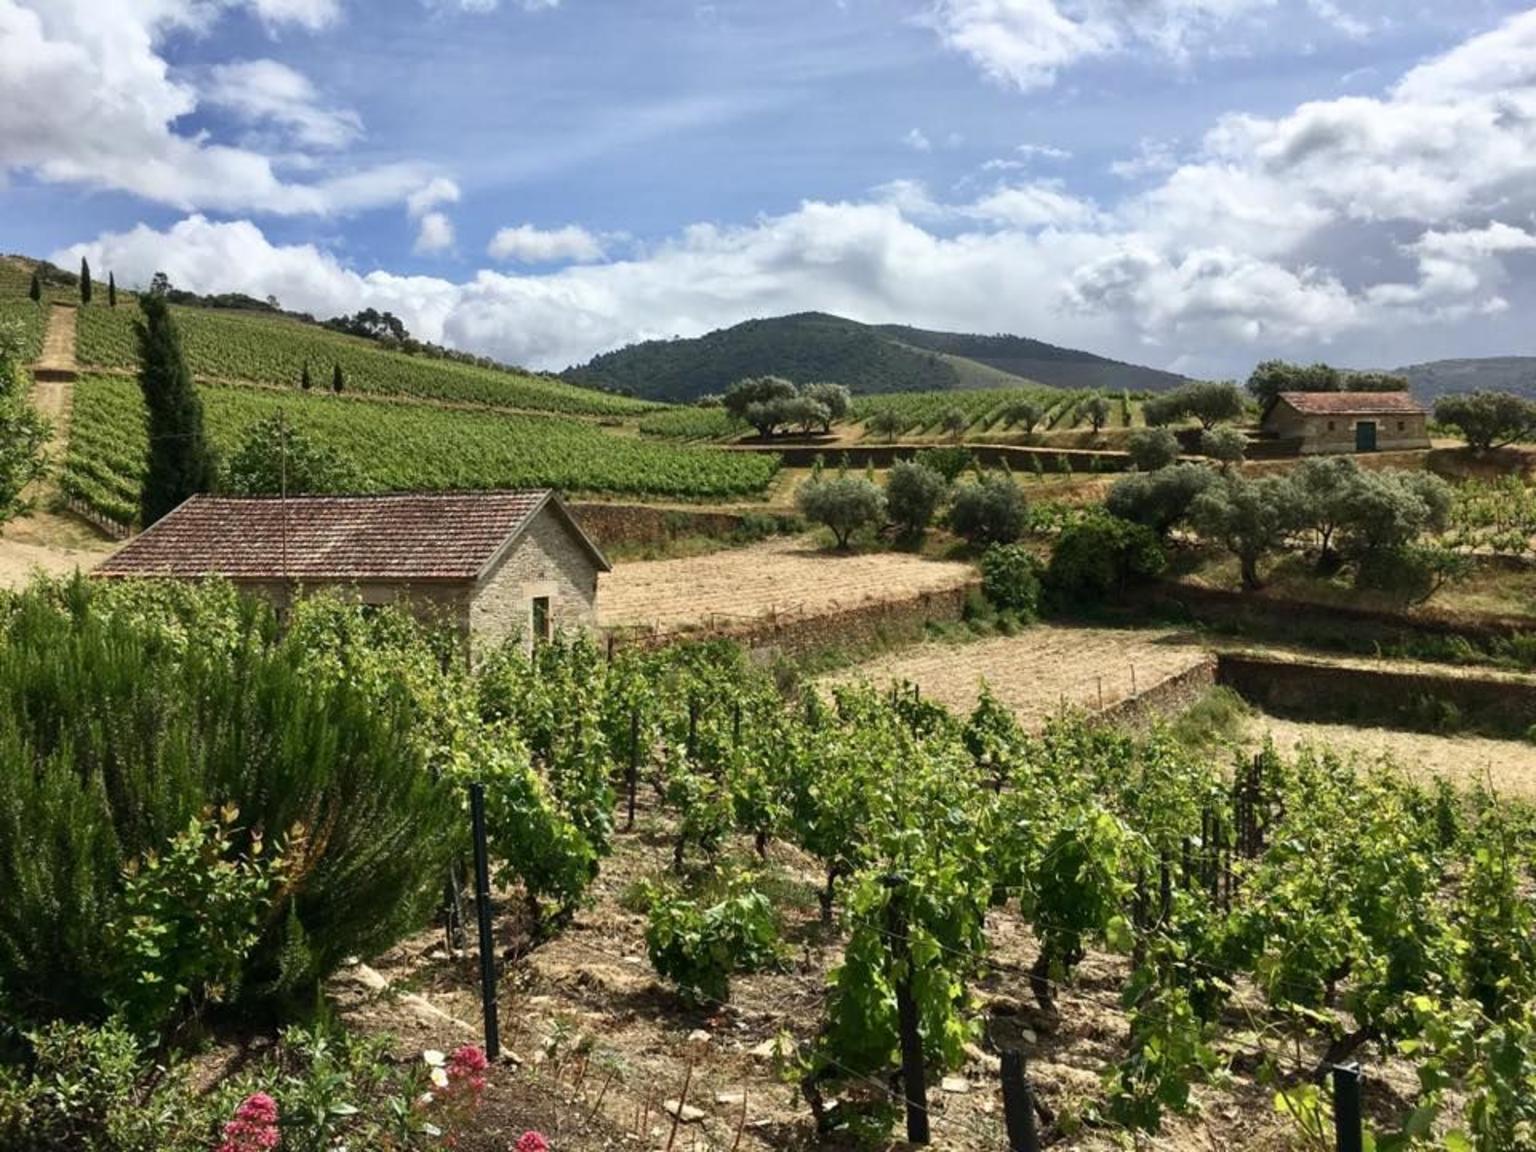 MÁS FOTOS, Excursión de un día completo para grupos pequeños al Valle del Duero y recorrido vinícola con almuerzo y cata